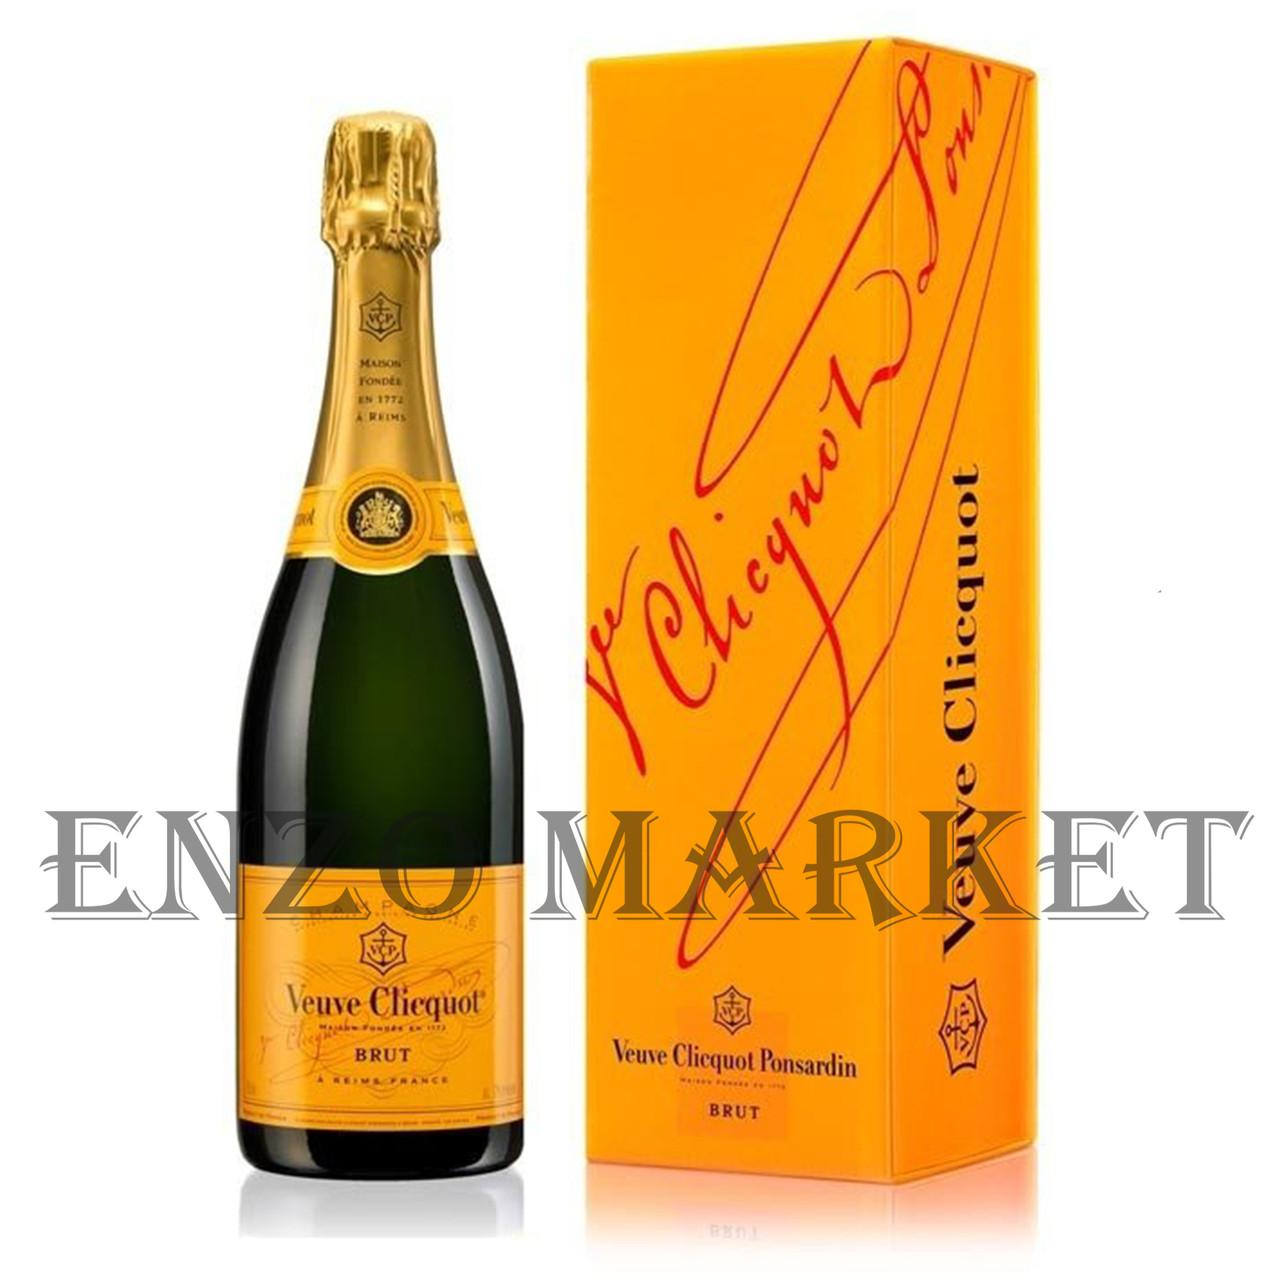 Шампанское Veuve Clicquot Brut (Вдова Клико Брют в коробке) 12%, 0,75 литра